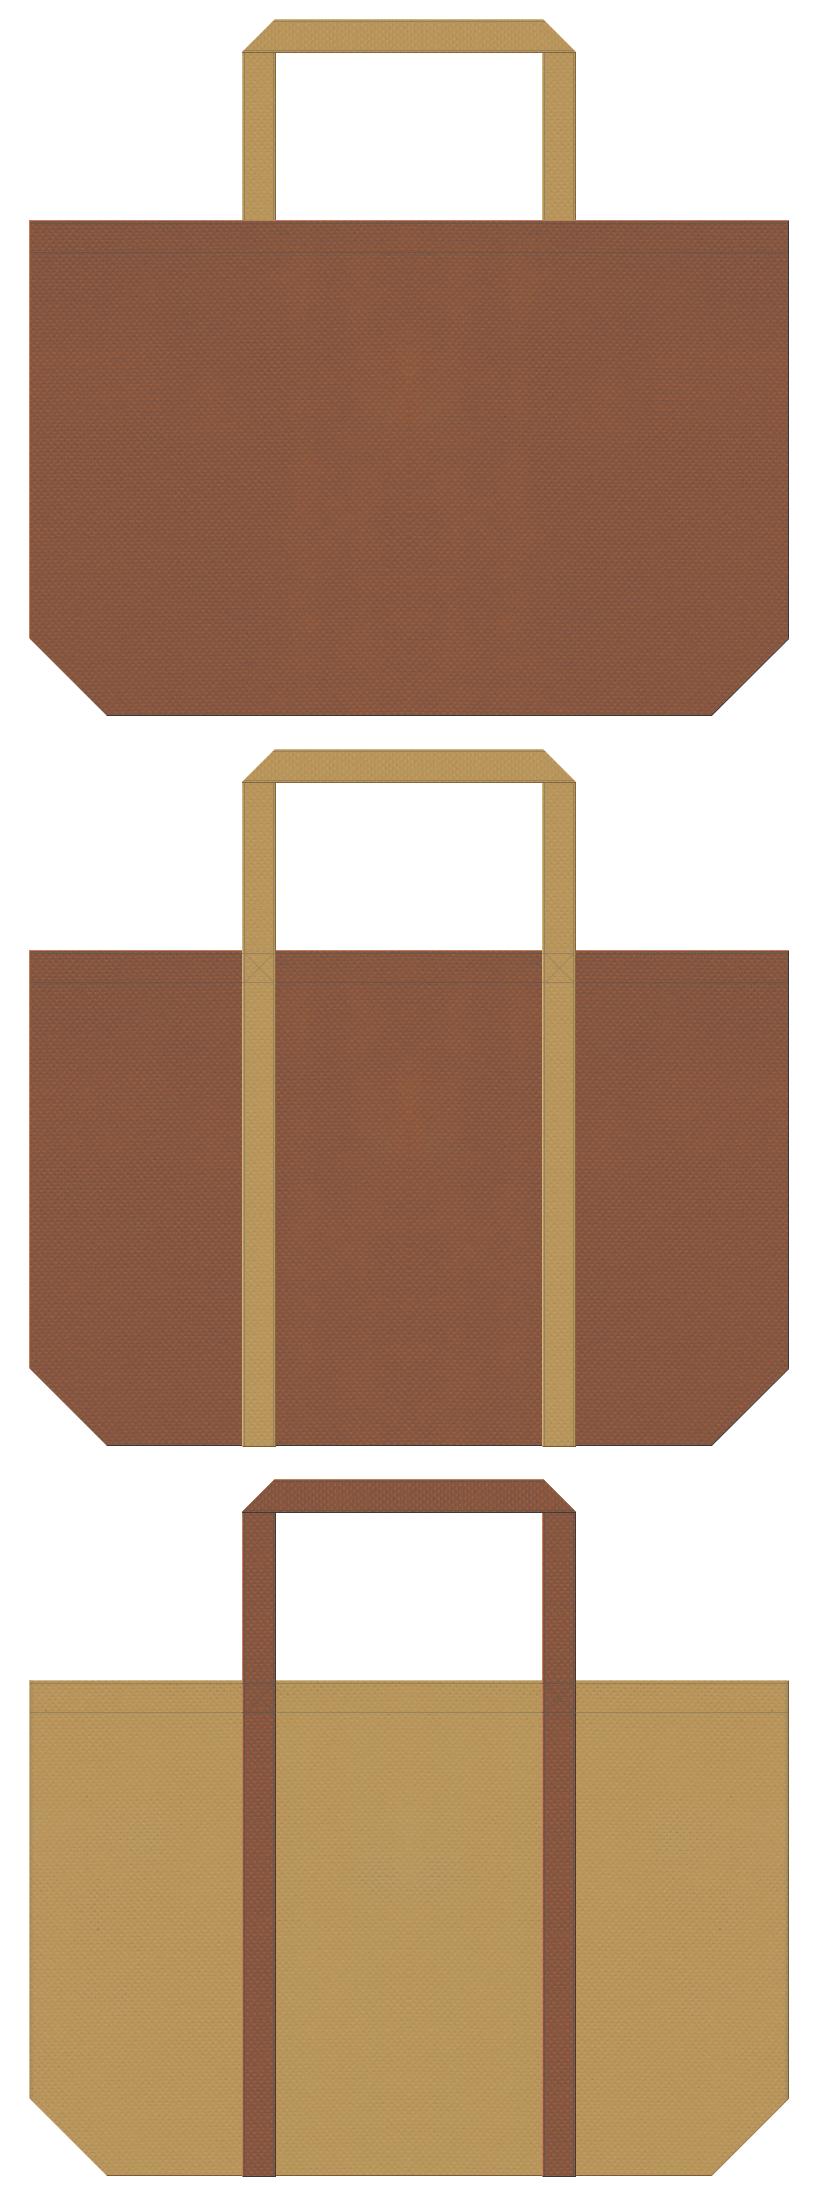 茶色と金色系黄土色の不織布バッグデザイン:ベーカリーショップのショッピングバッグにお奨めです。モンブラン風。